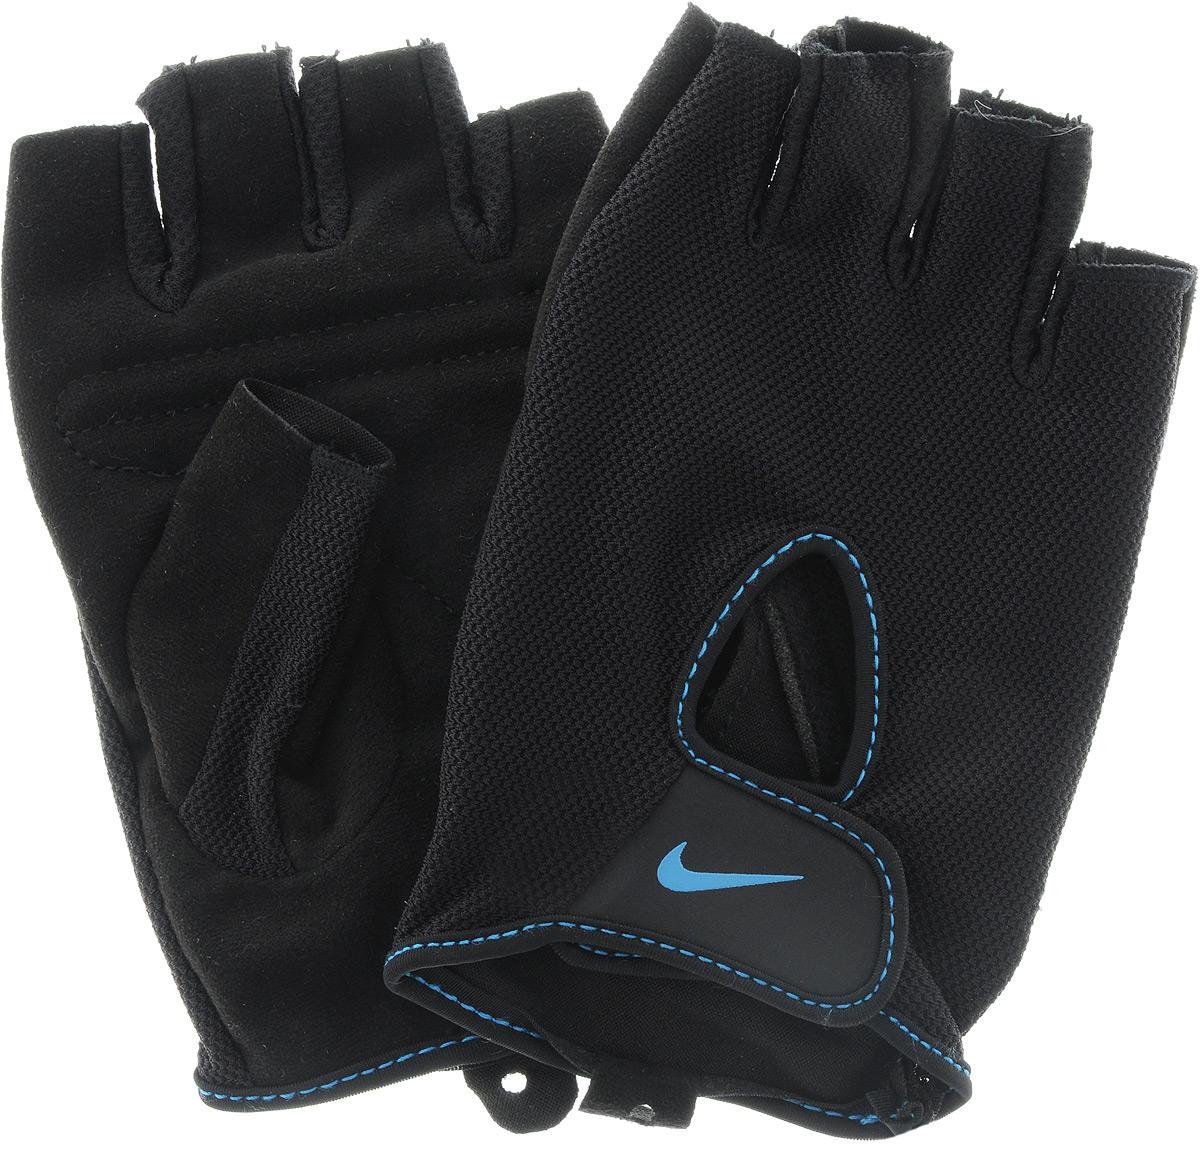 Перчатки для фитнеса женские Nike Wmns Fundamental Training Gloves II, цвет: черный, синий. N.LG.17.085.LG. Размер LN.LG.17.085.LGУдобные перчатки Nike Wmns Fundamental Training Gloves II для фитнеса оформлены цветным логотипом бренда Nike. Трафаретная печать swoosh-лого на внешней стороне модели обеспечивает моментальную идентификацию бренда. Внутренняя часть перчаток выполнена из мягкой искусственной замши, что обеспечивает комфорт и долговечность в использовании данного аксессуара. Регулируемая застежка на запястье обеспечивает надежную посадку.